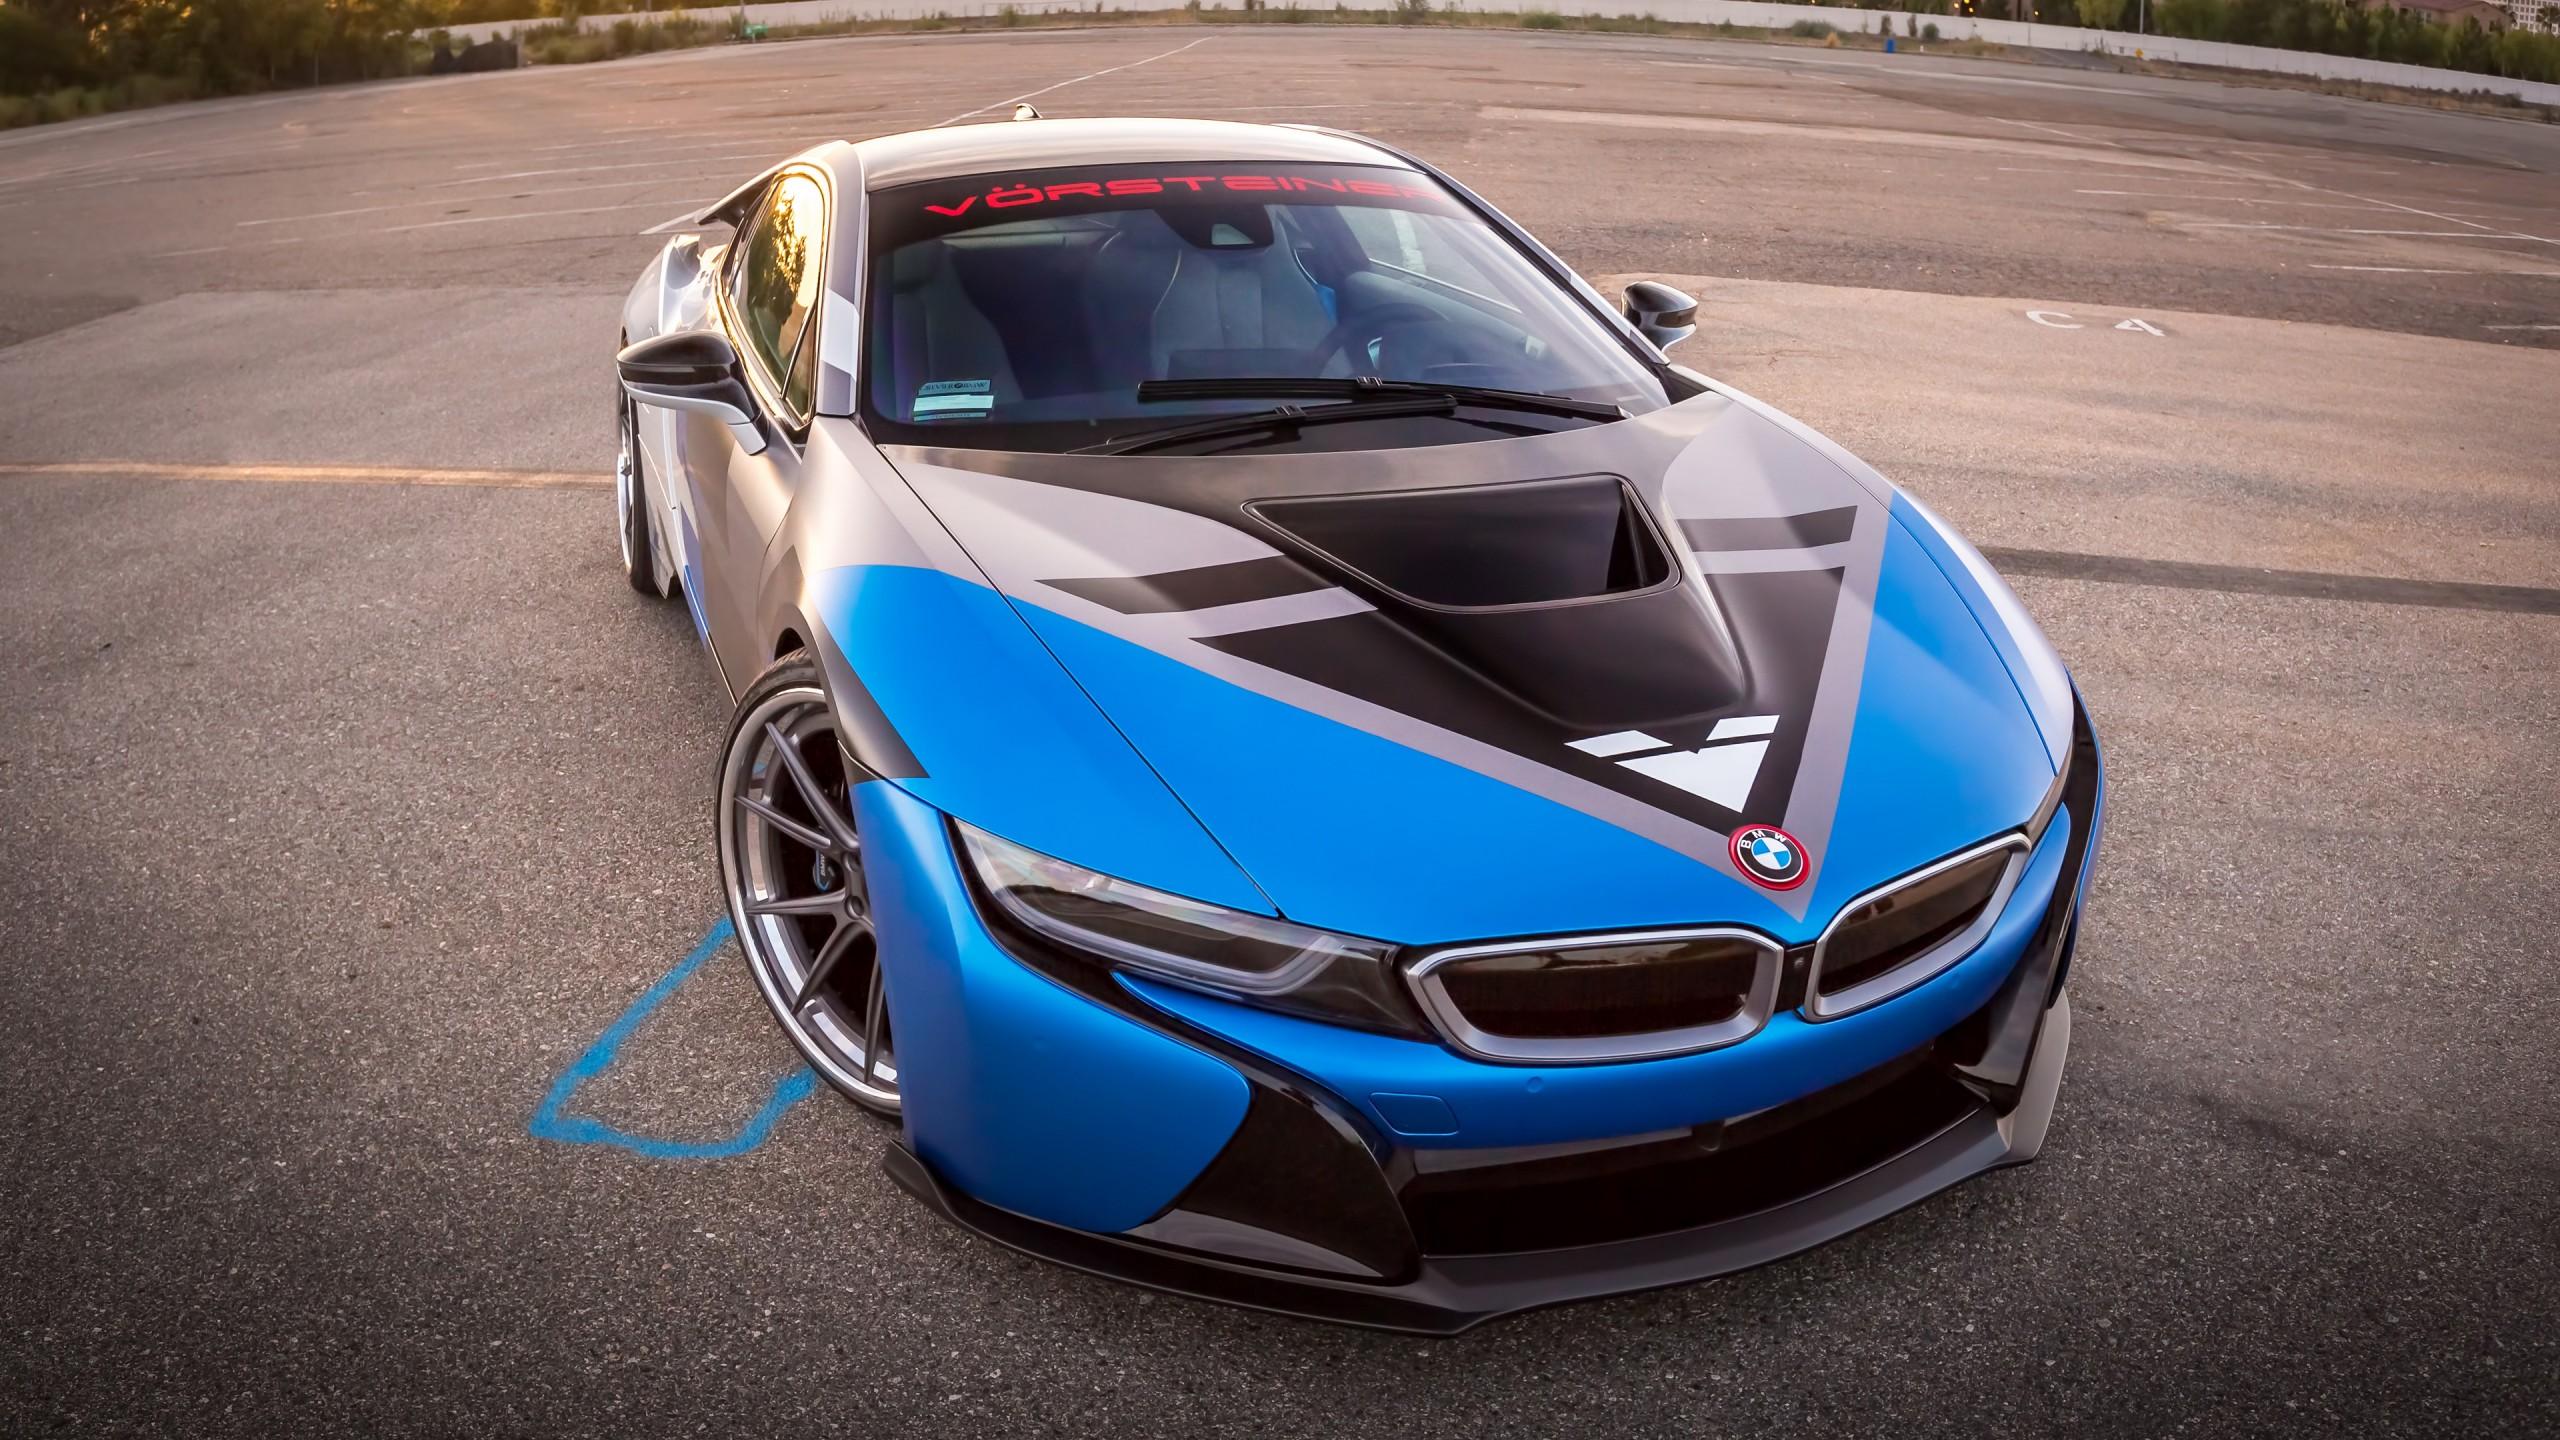 Bmw I8 Car Concept 4k Hd Desktop Wallpaper For 4k Ultra Hd: 4K Vorsteiner BMW I8 VR E Wallpaper